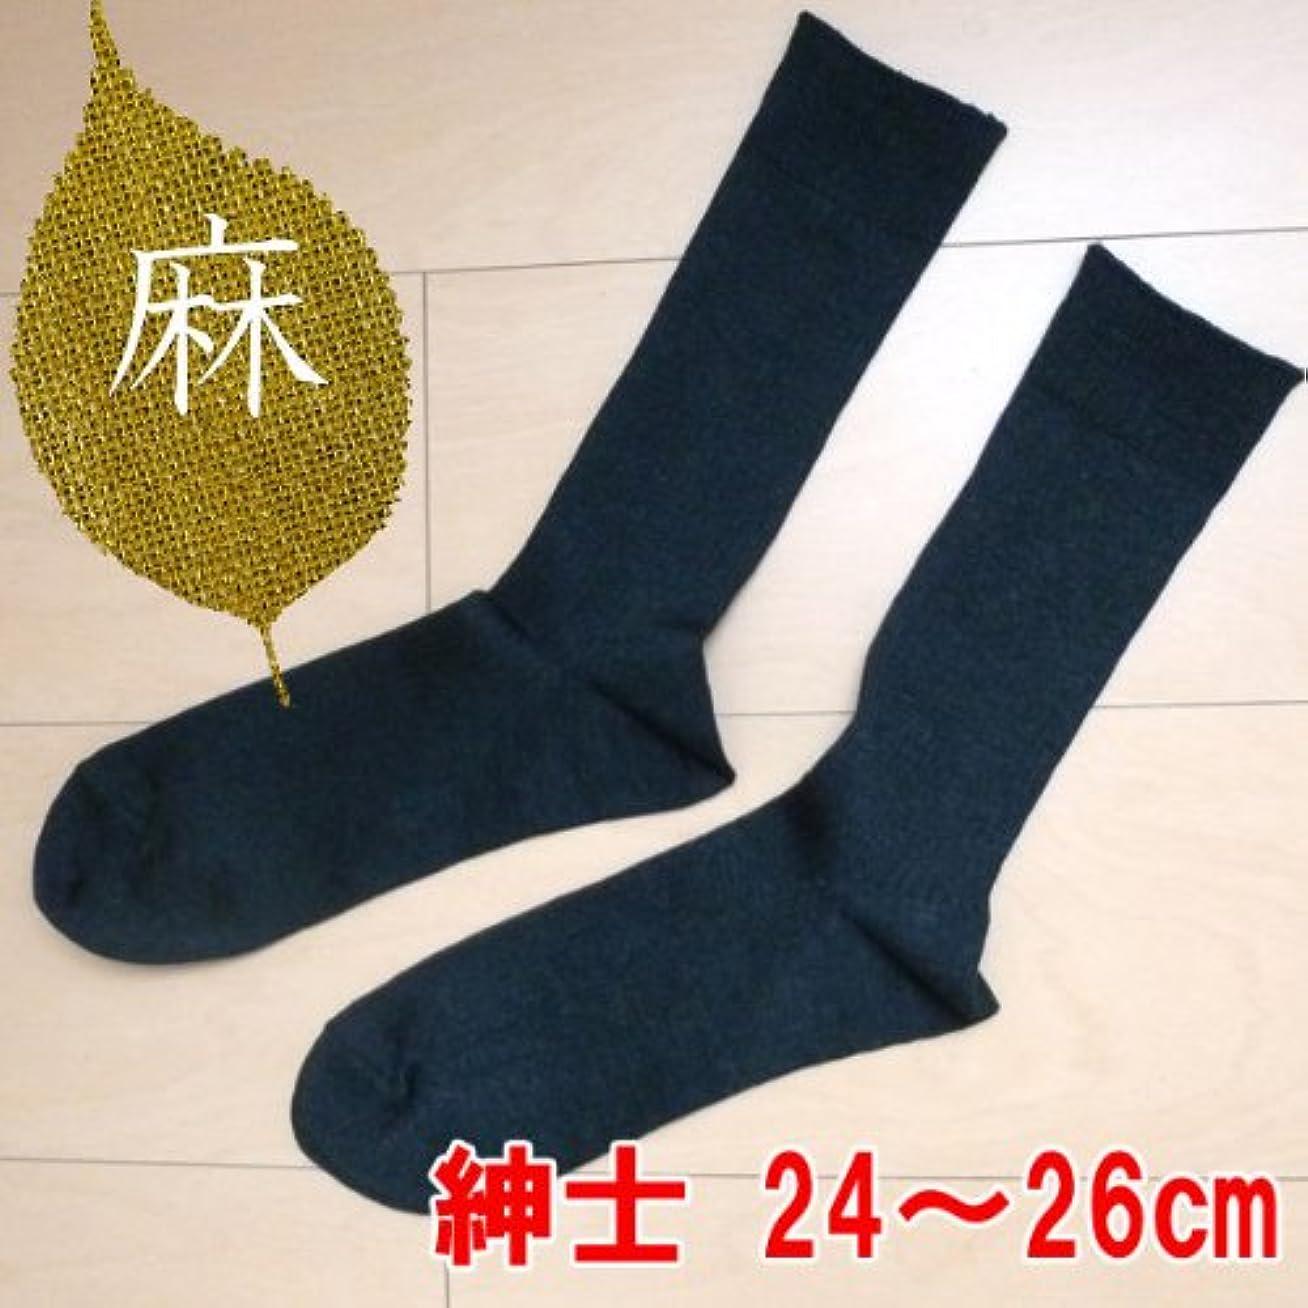 市民違う縫うリブソックス 麻 日本製 男性用 無地 24~26cm 防臭 速乾